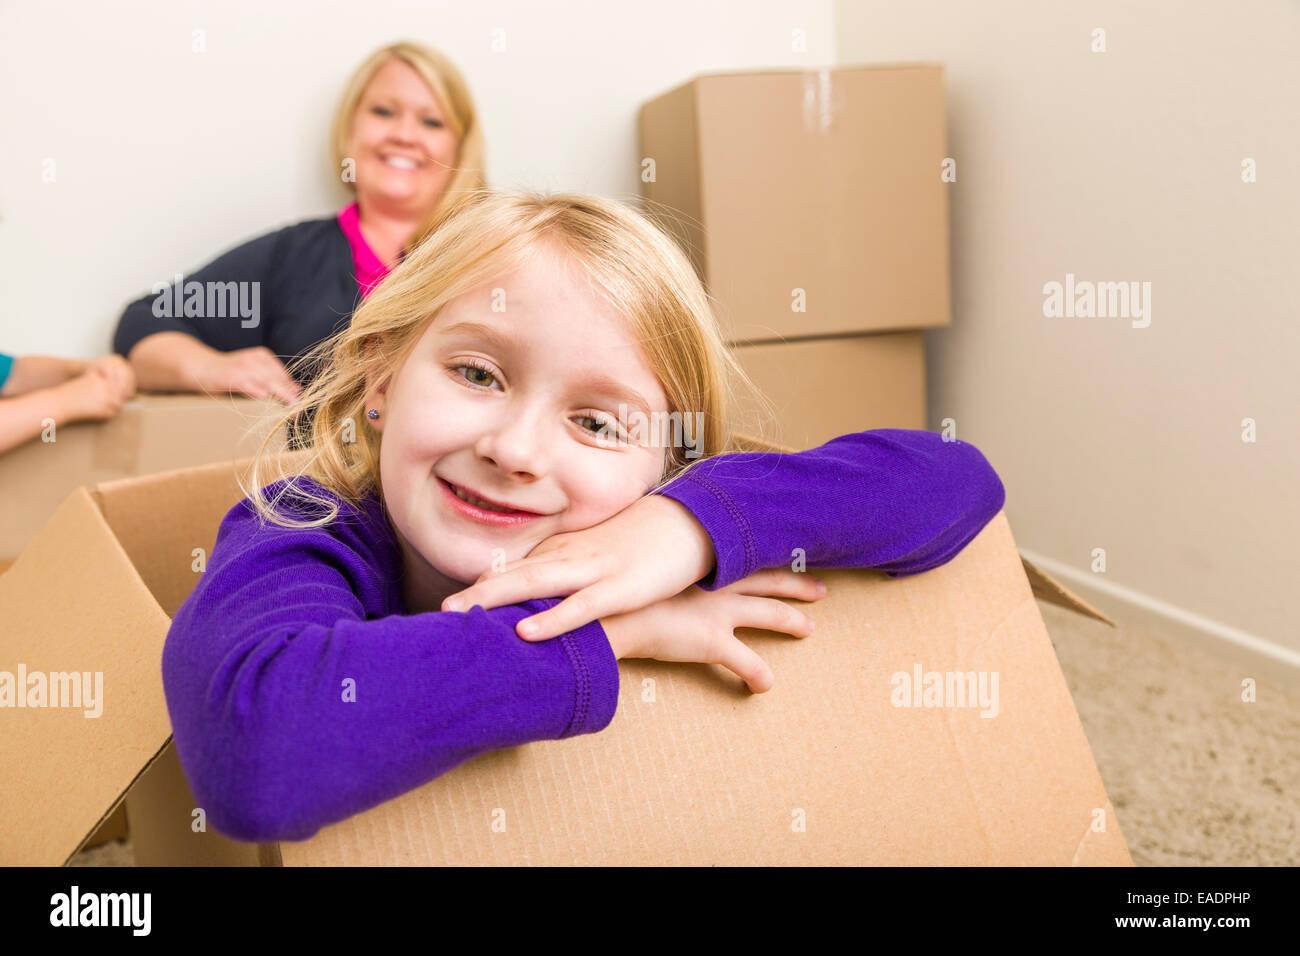 Glückliche junge Mutter und Tochter Spaß mit Umzugskartons. Stockbild